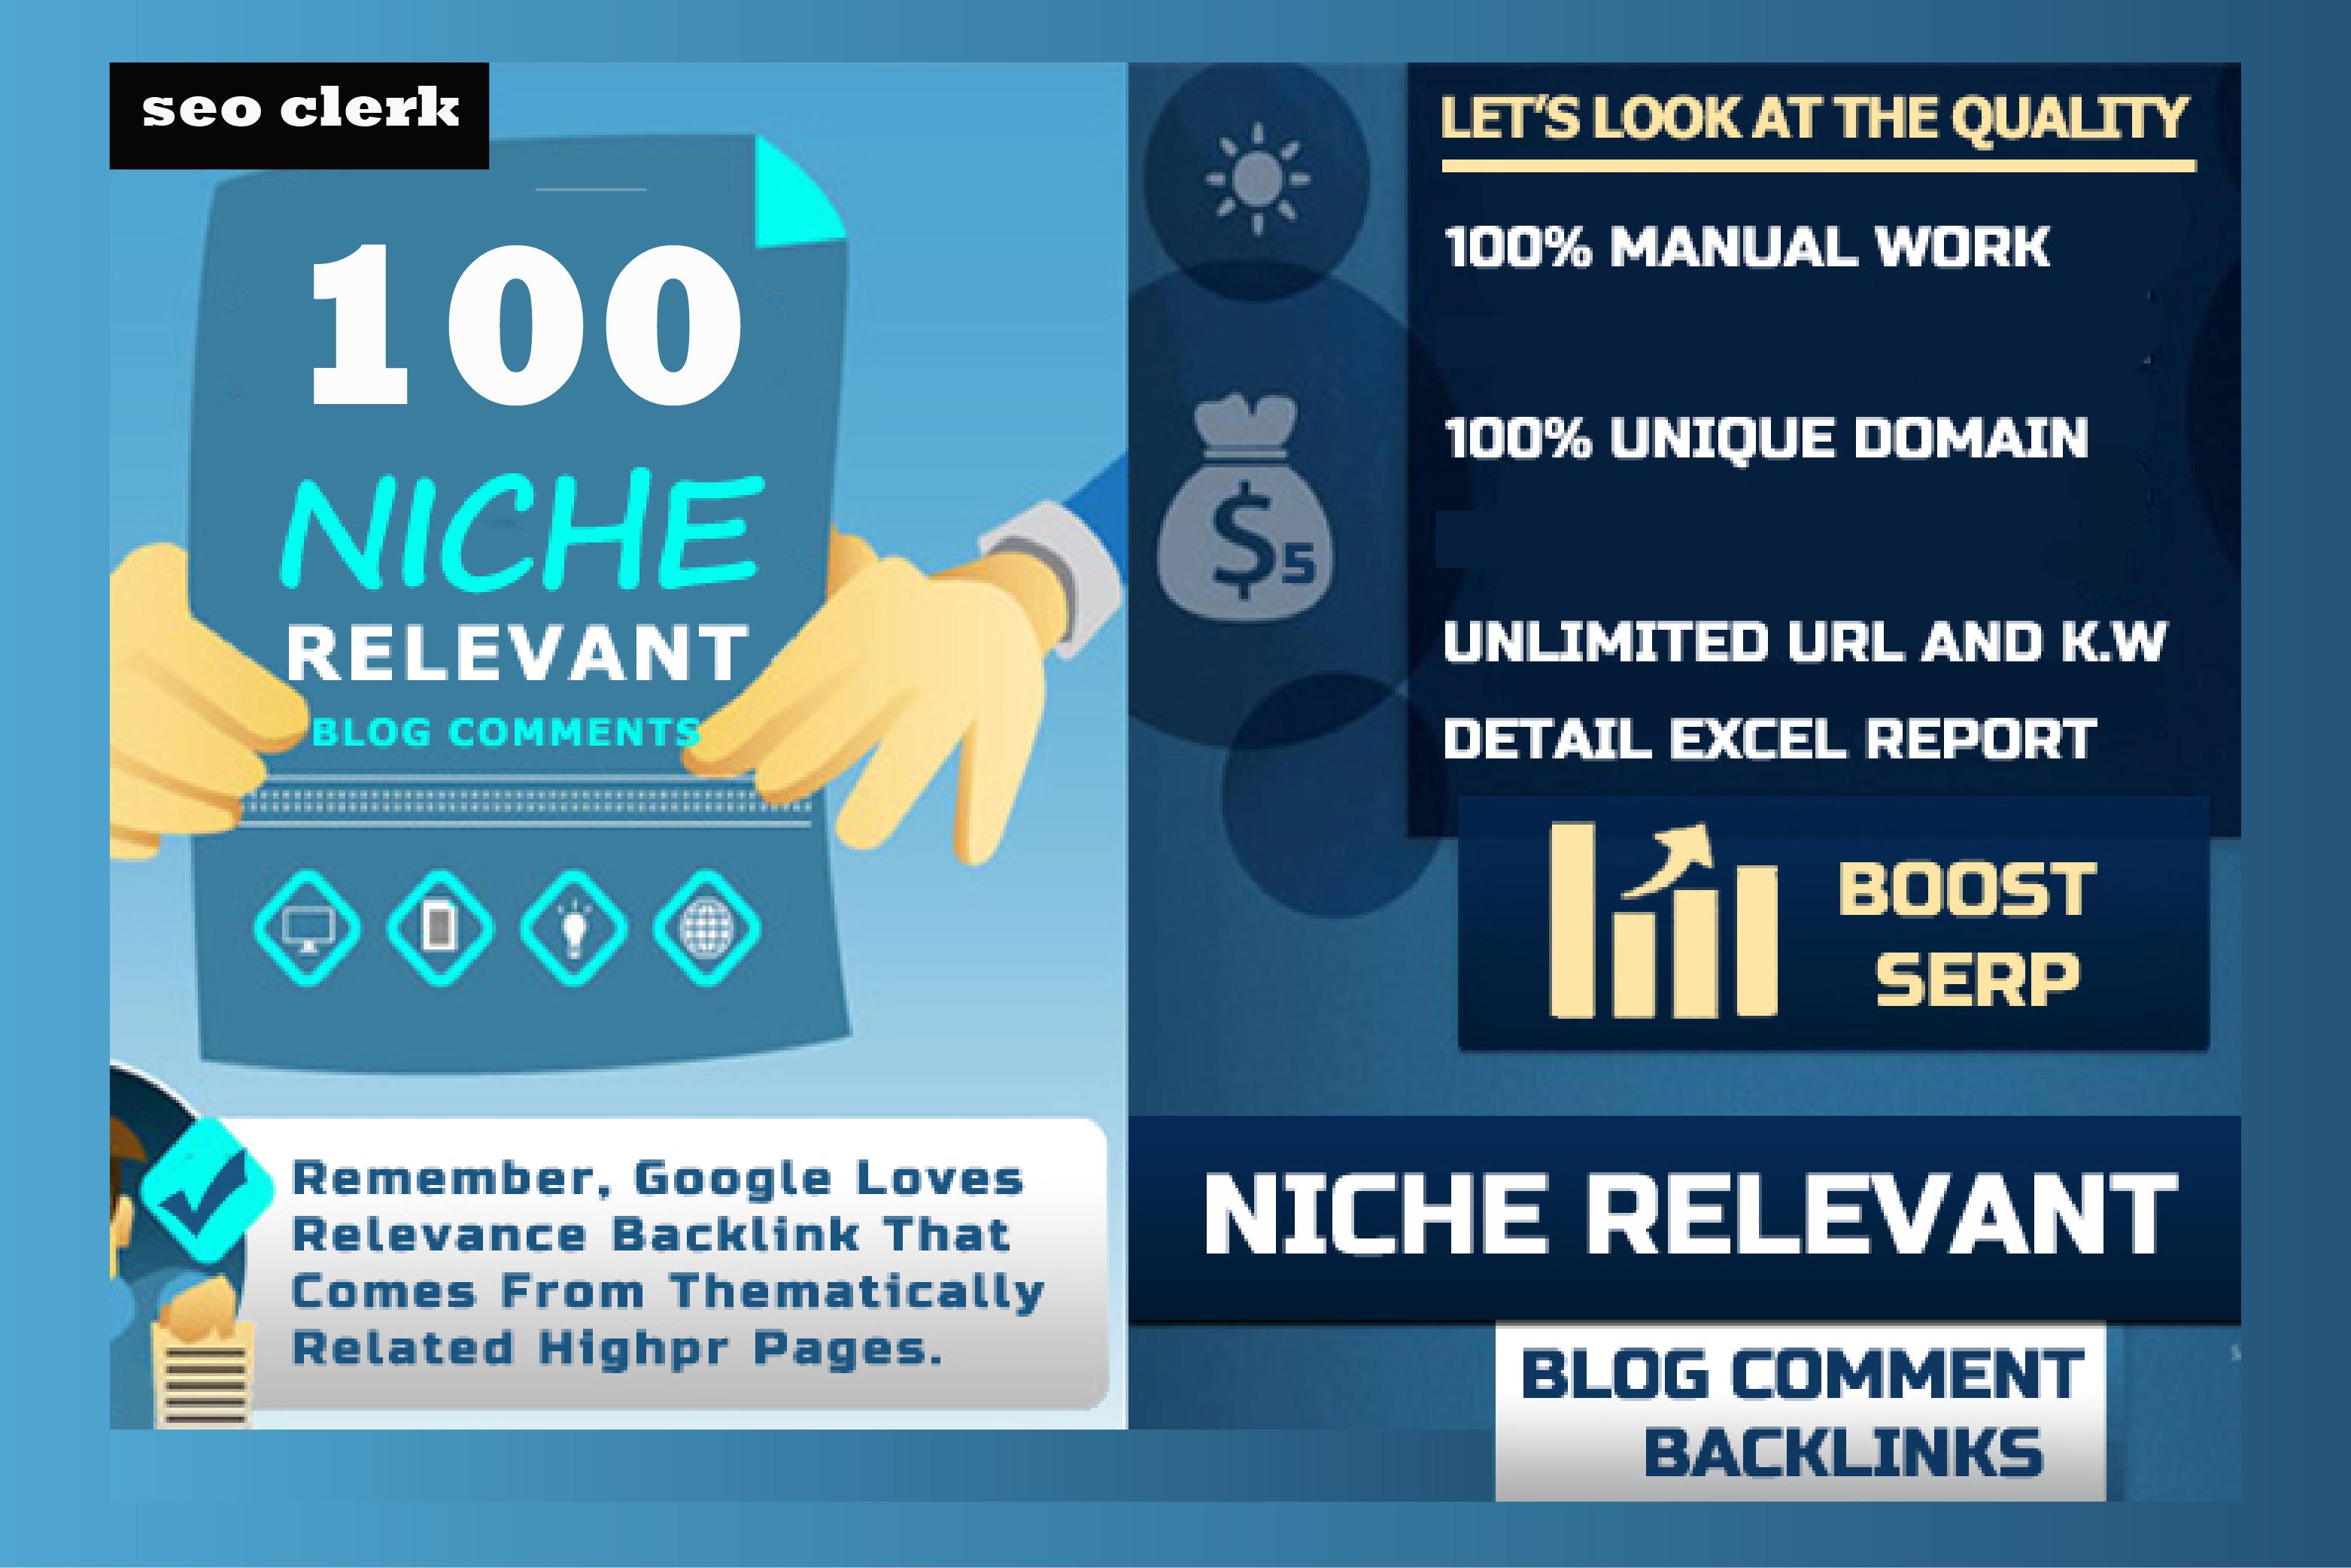 i will provide nechi revelant backlinks blog comments